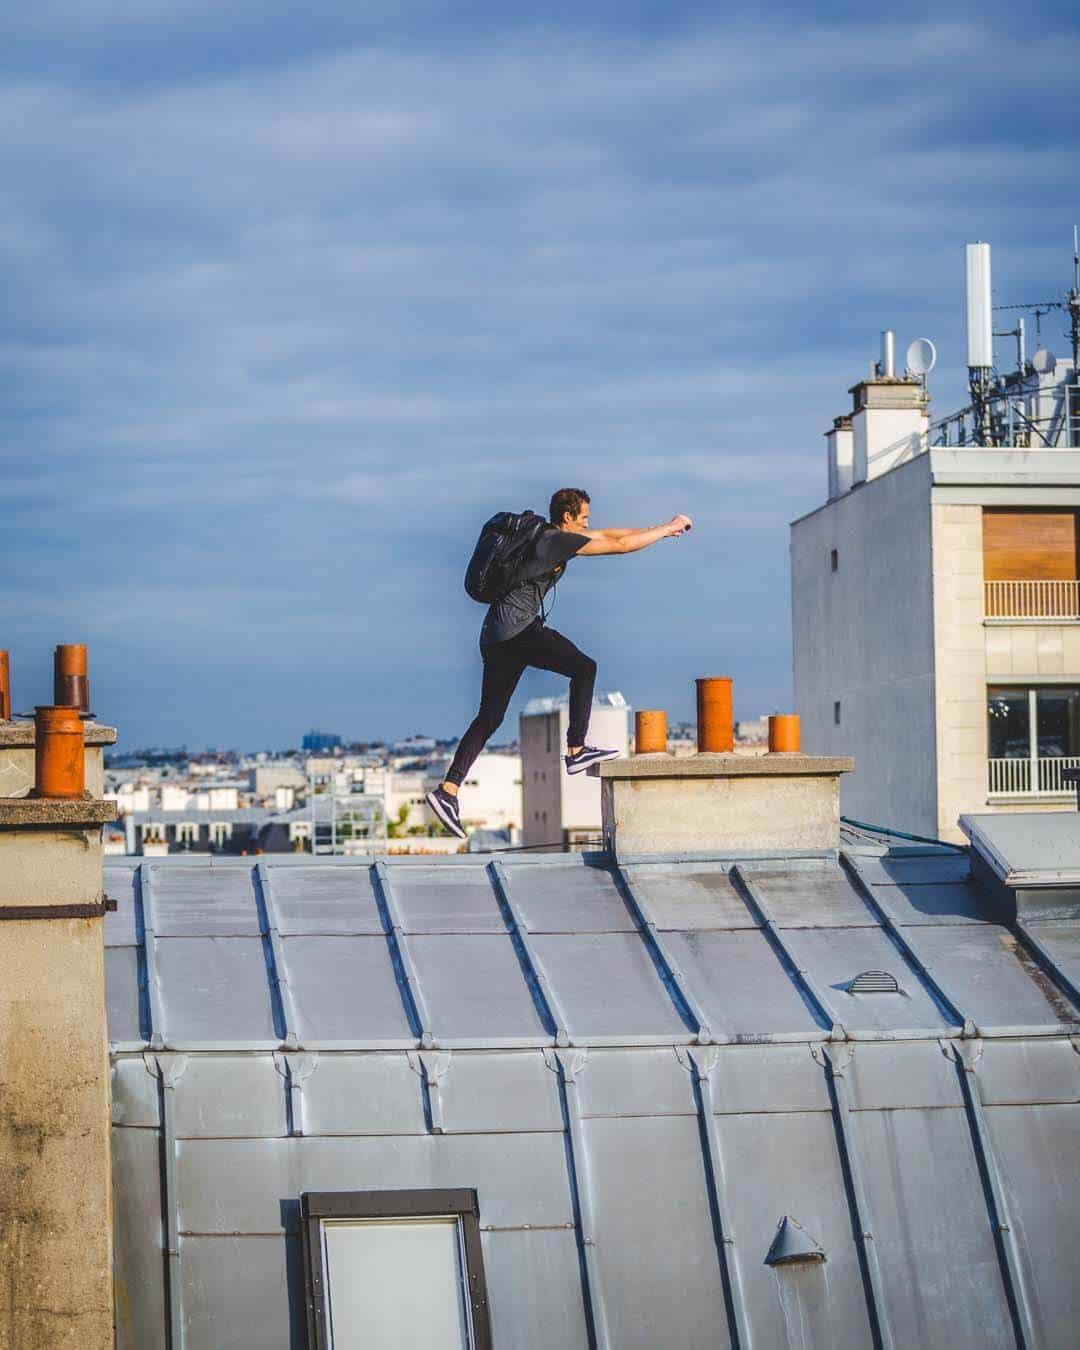 etrefort thibaut parkour clothing outdor paris rooftop pov jump